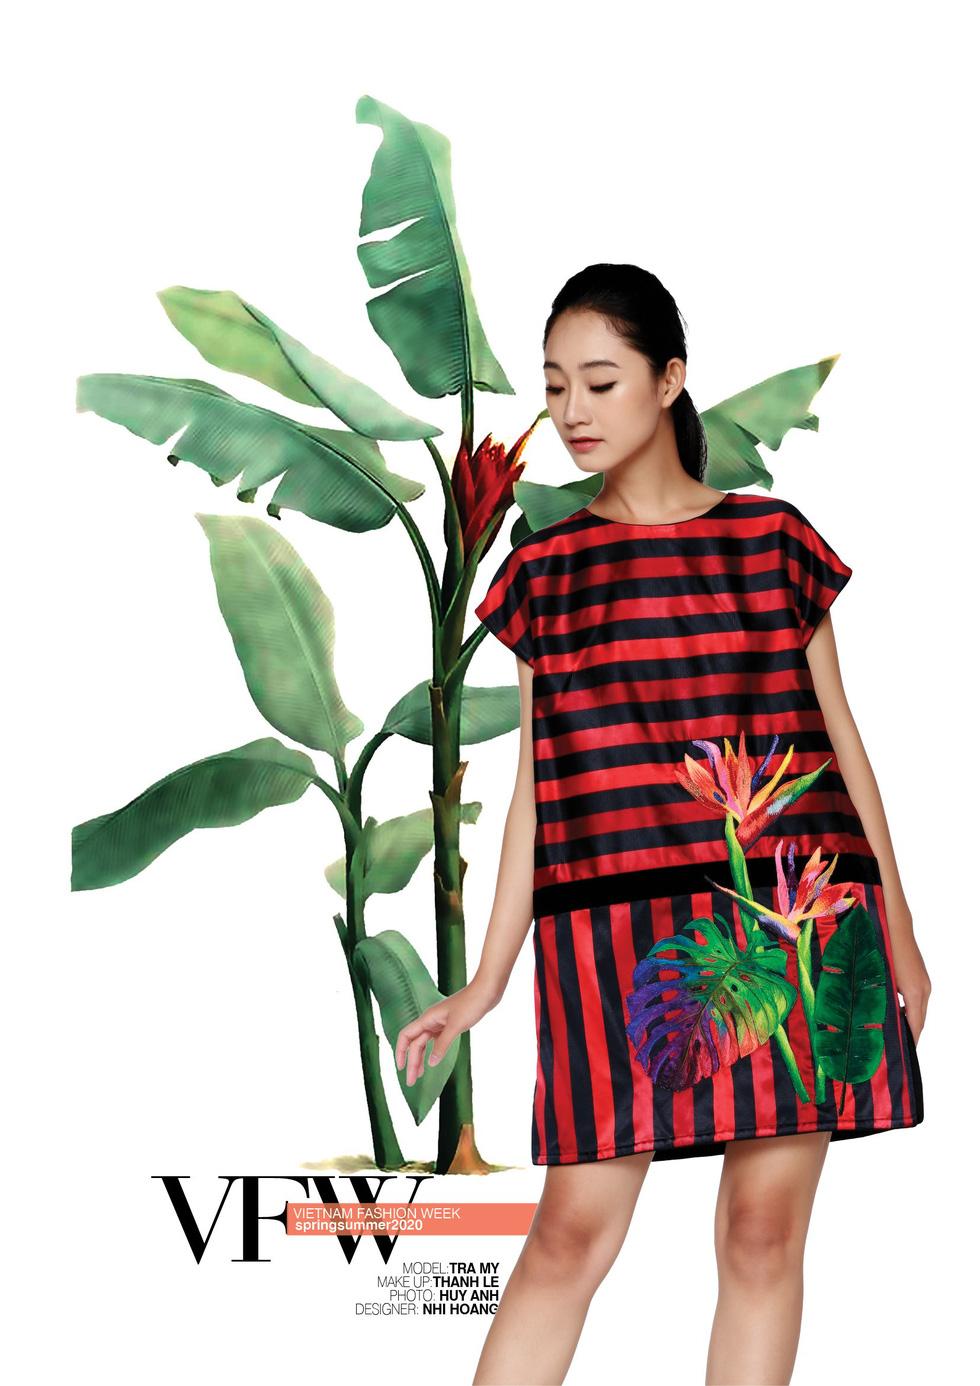 NTK Minh Hạnh: Sao phải đợi Louis Vuitton, ta mới thấy Việt Nam mình đẹp! - Ảnh 15.